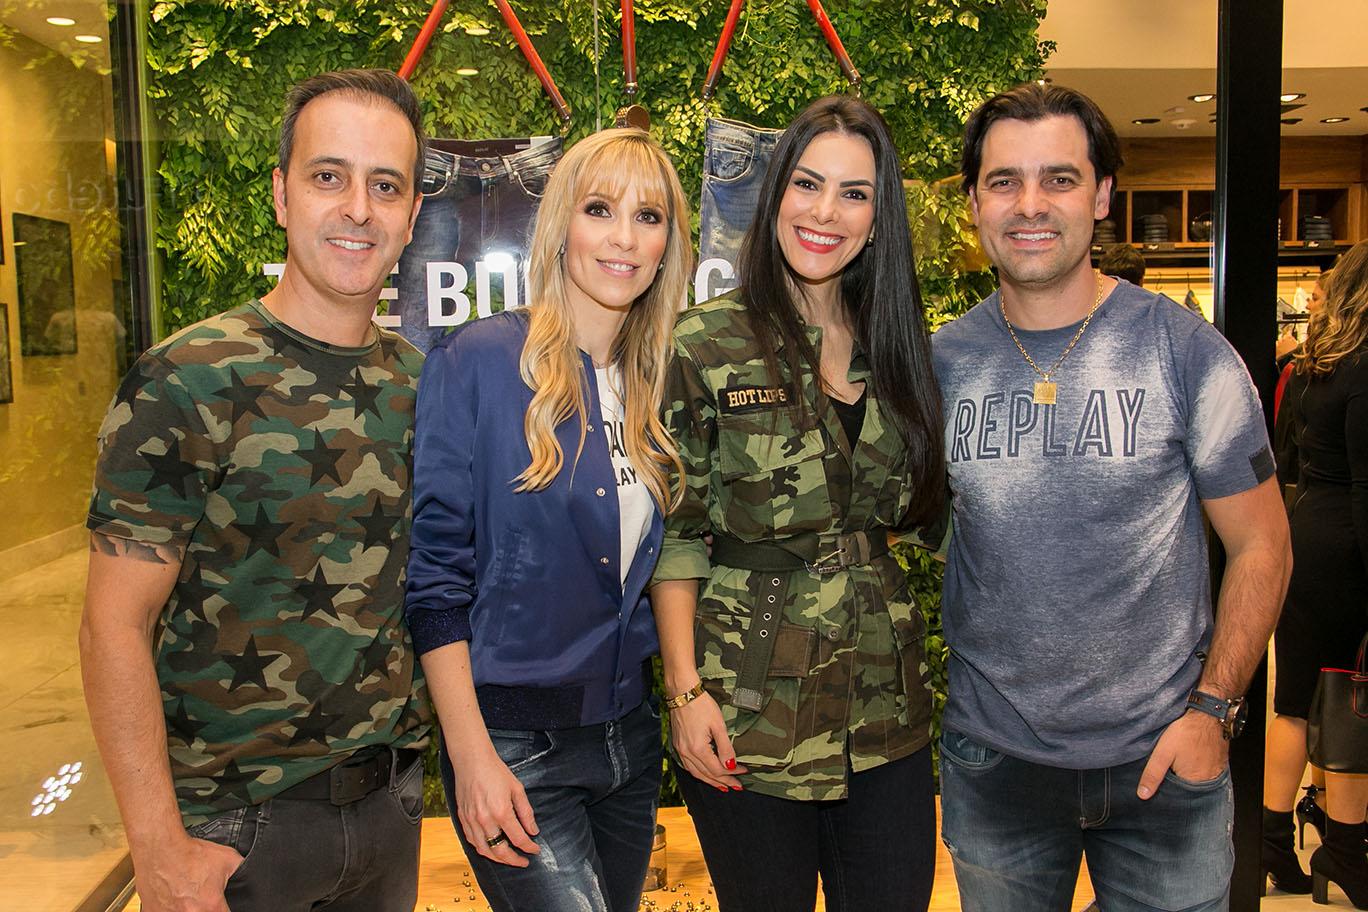 Rodrigo e Kristofer com as respectivas mulheres, Flavia e Roberta Florenzano.